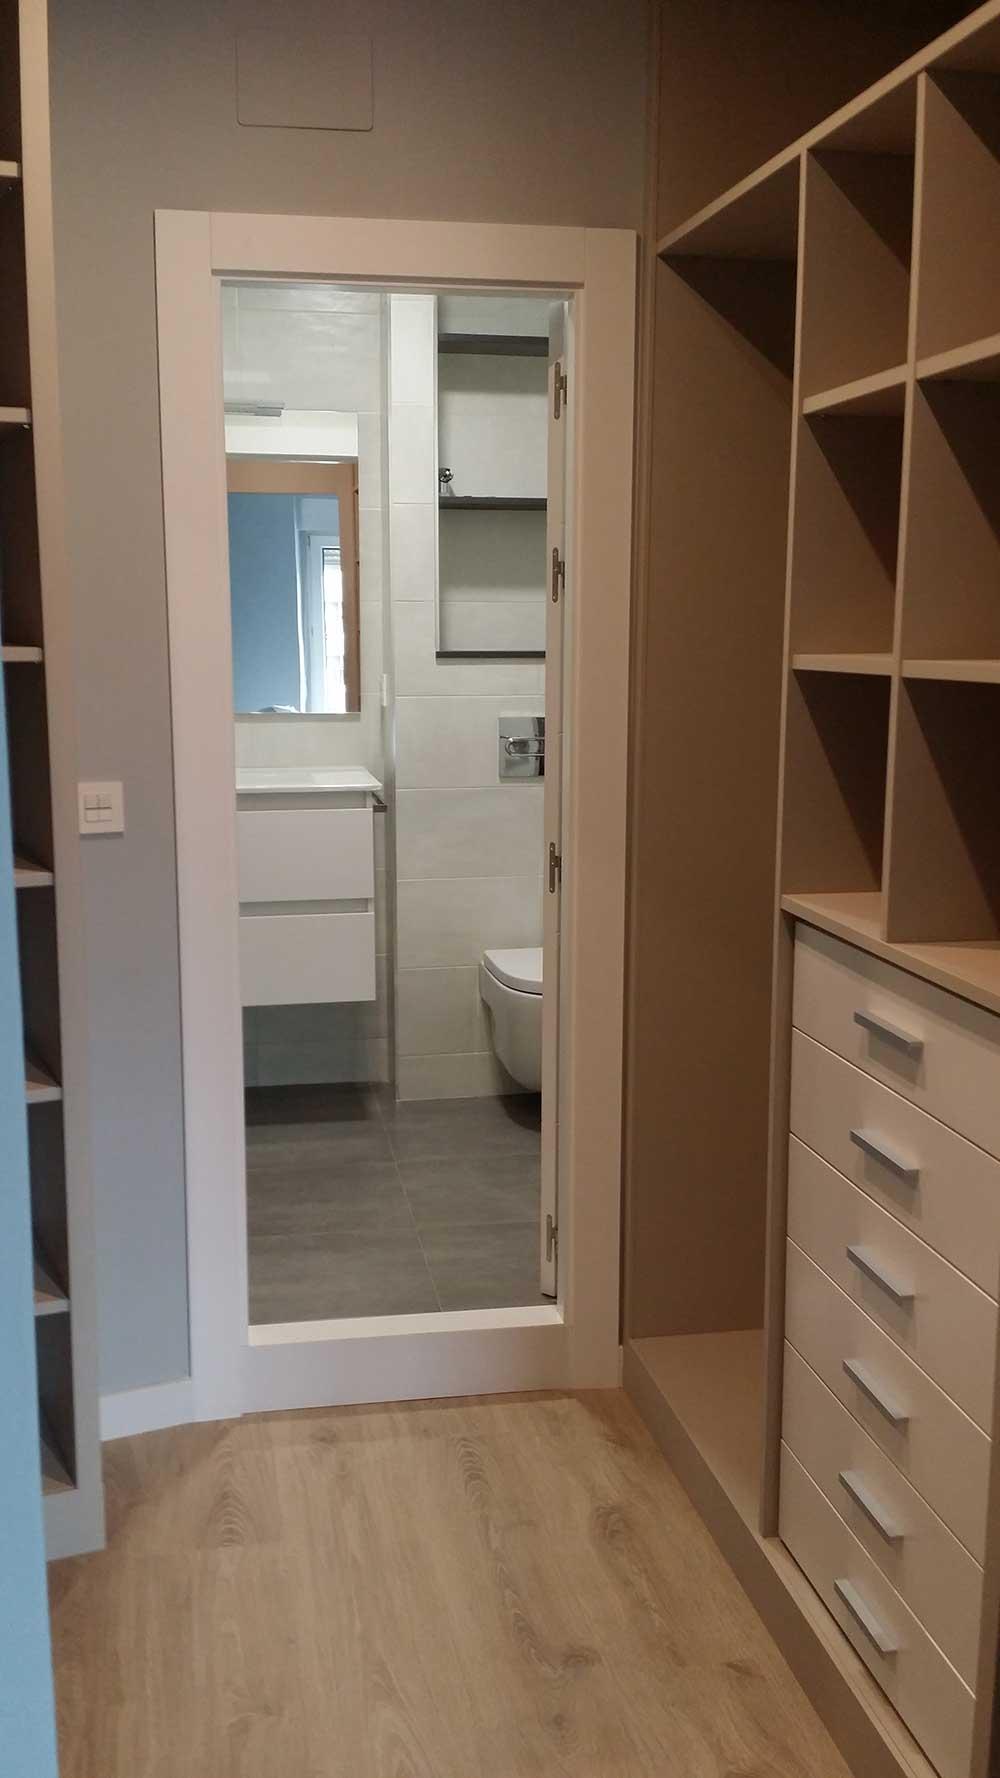 Dormitorios Con Vestidor Y Baño   Dormitorio Vestidor Y Bano Integrado Obras Y Proyectos